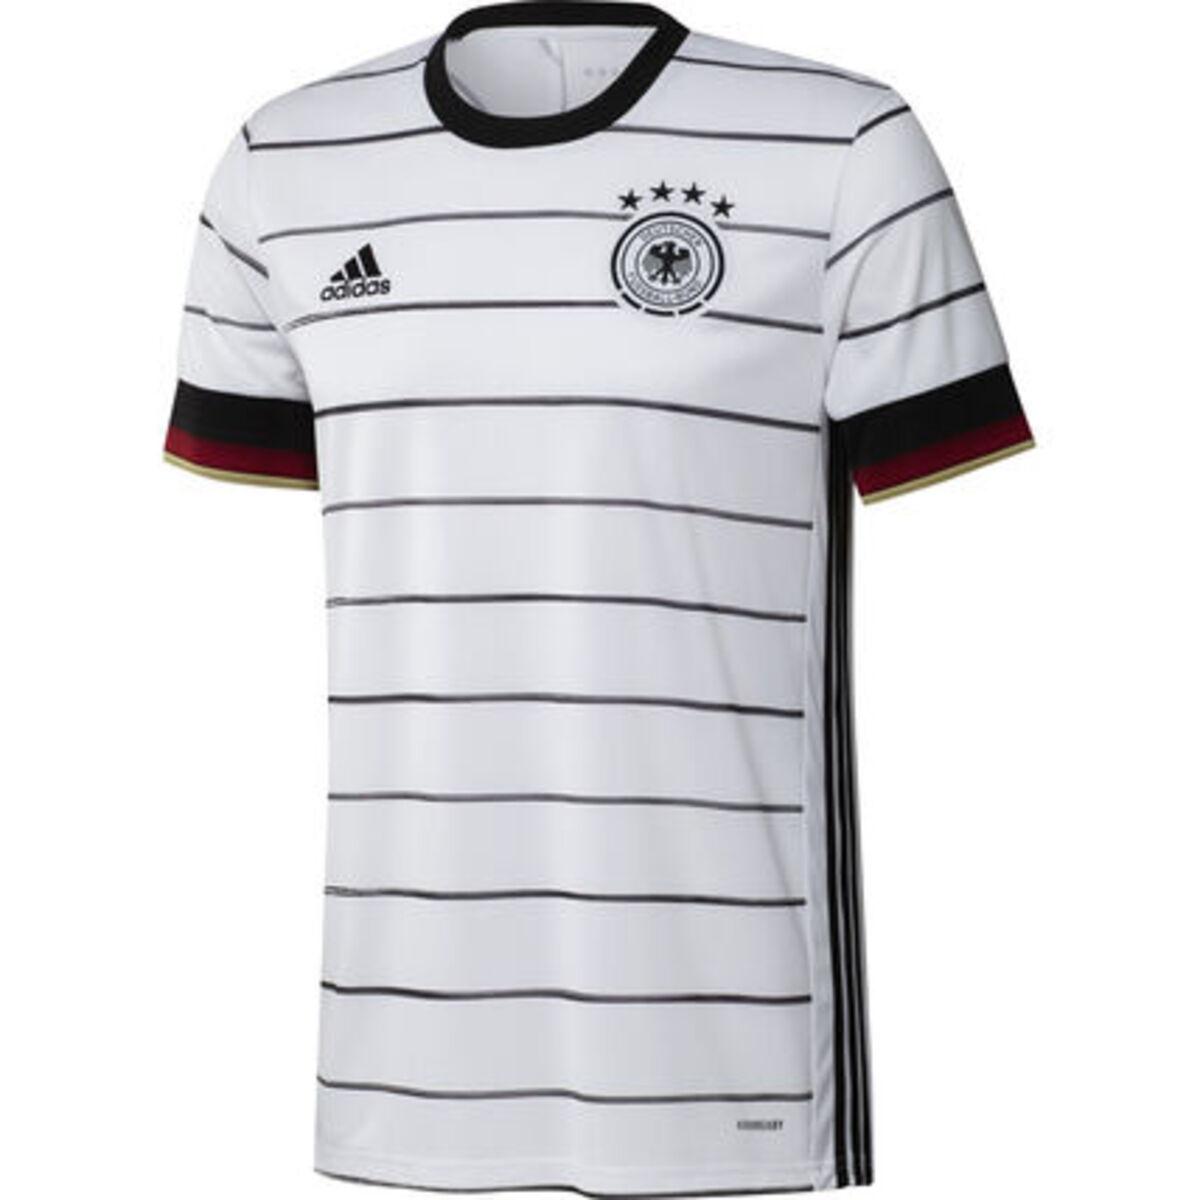 Bild 1 von adidas Herren DFB Heimtrikot, weiß, M, M